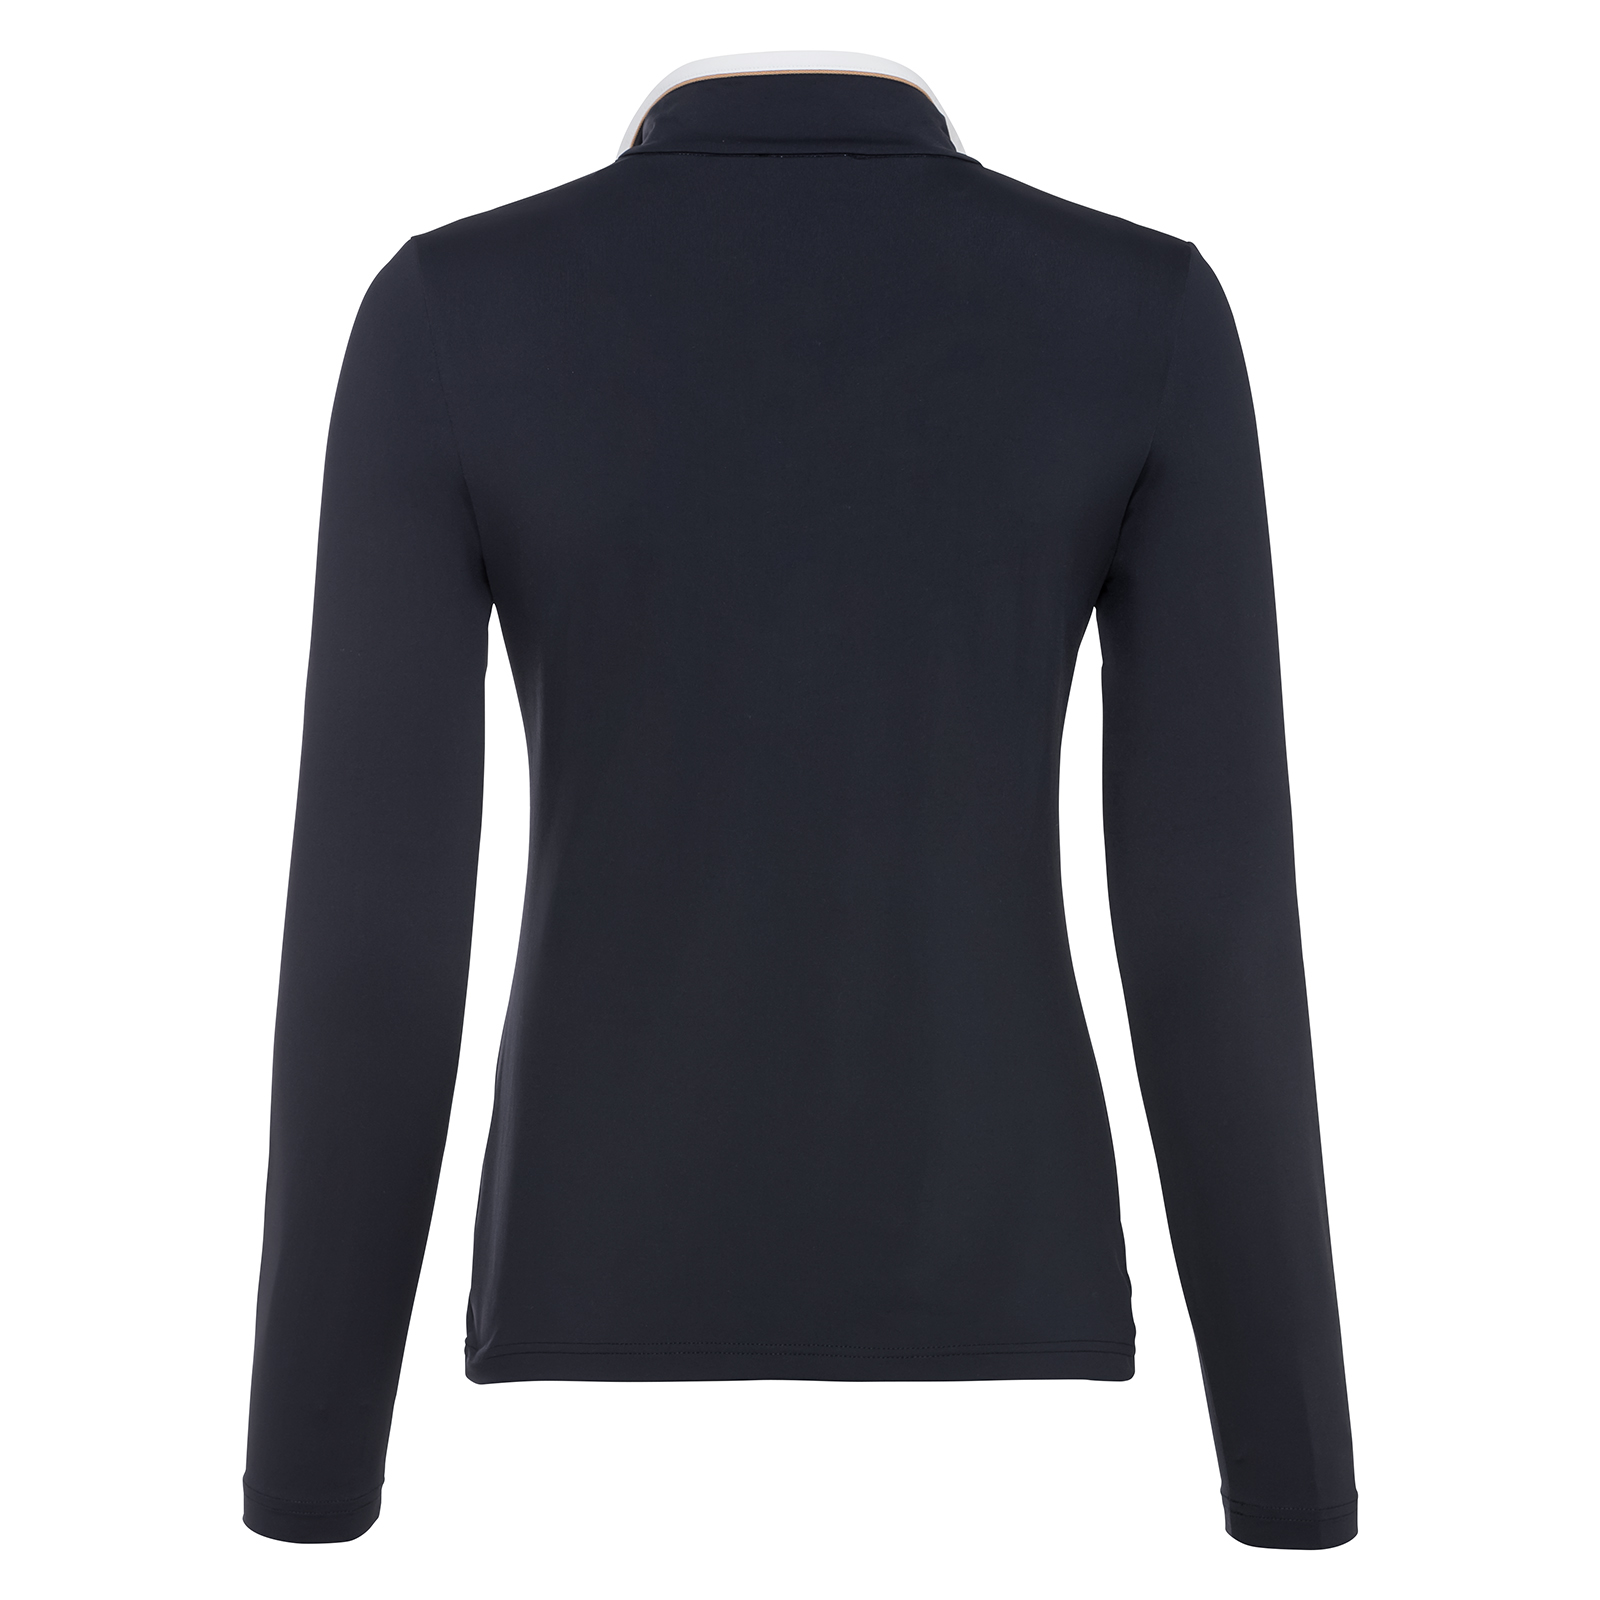 Damen-Polo aus atmungsaktivem Thermo-Fleece